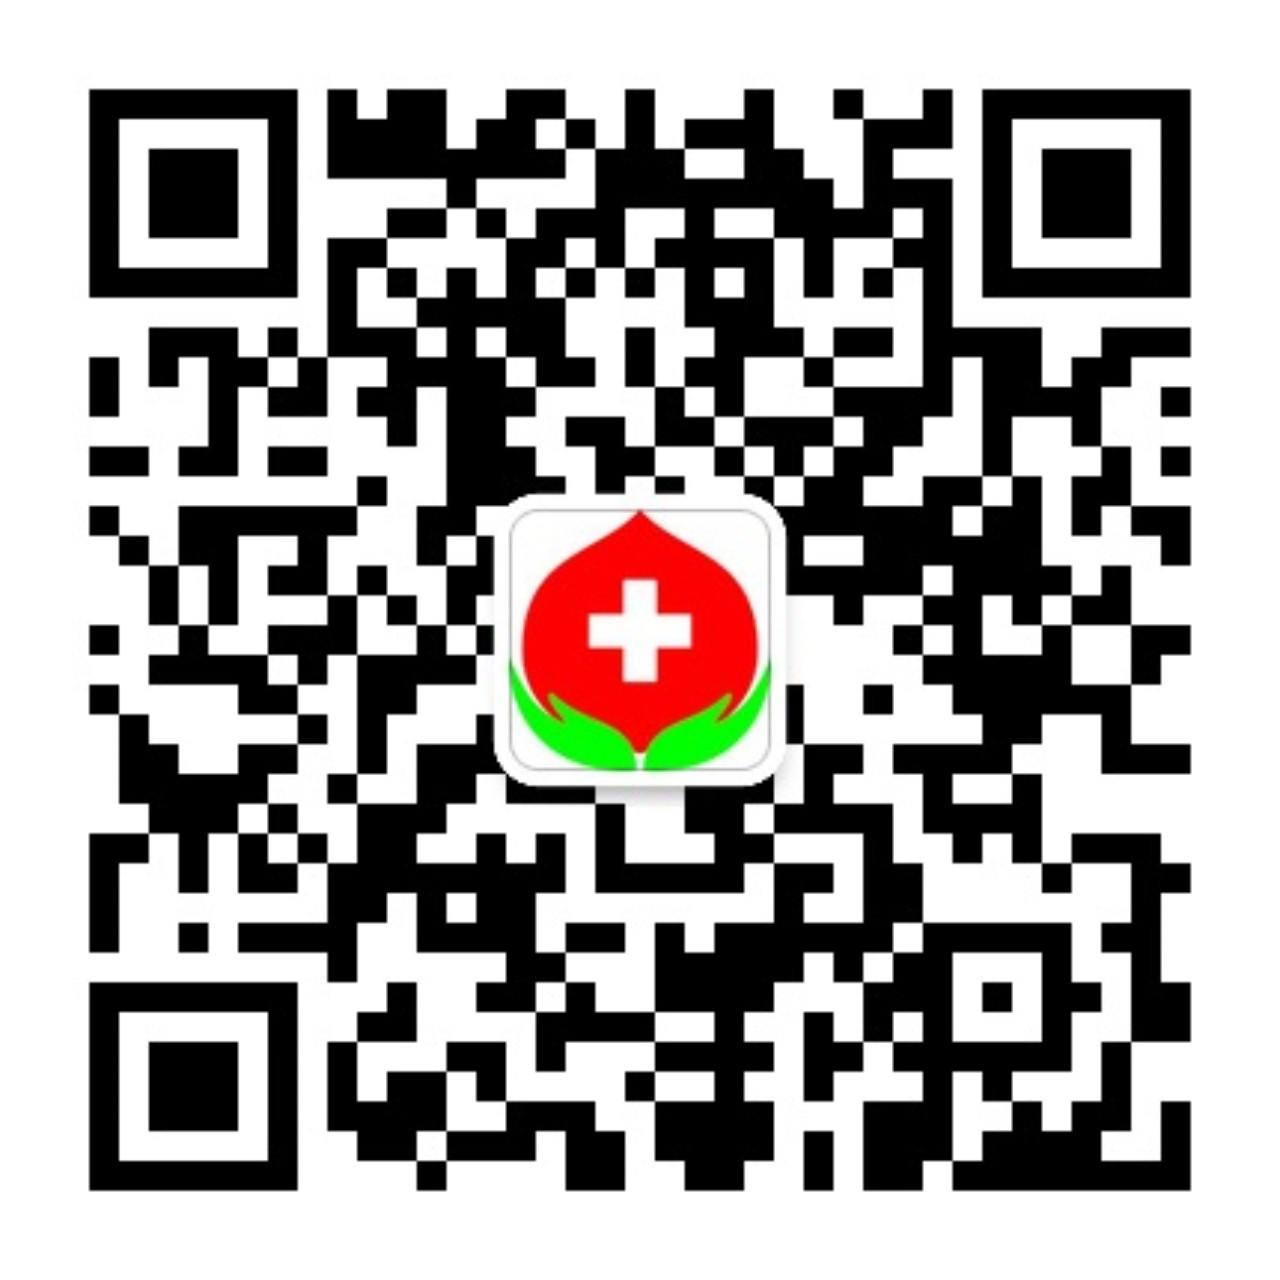 桃源县康复医院二维码